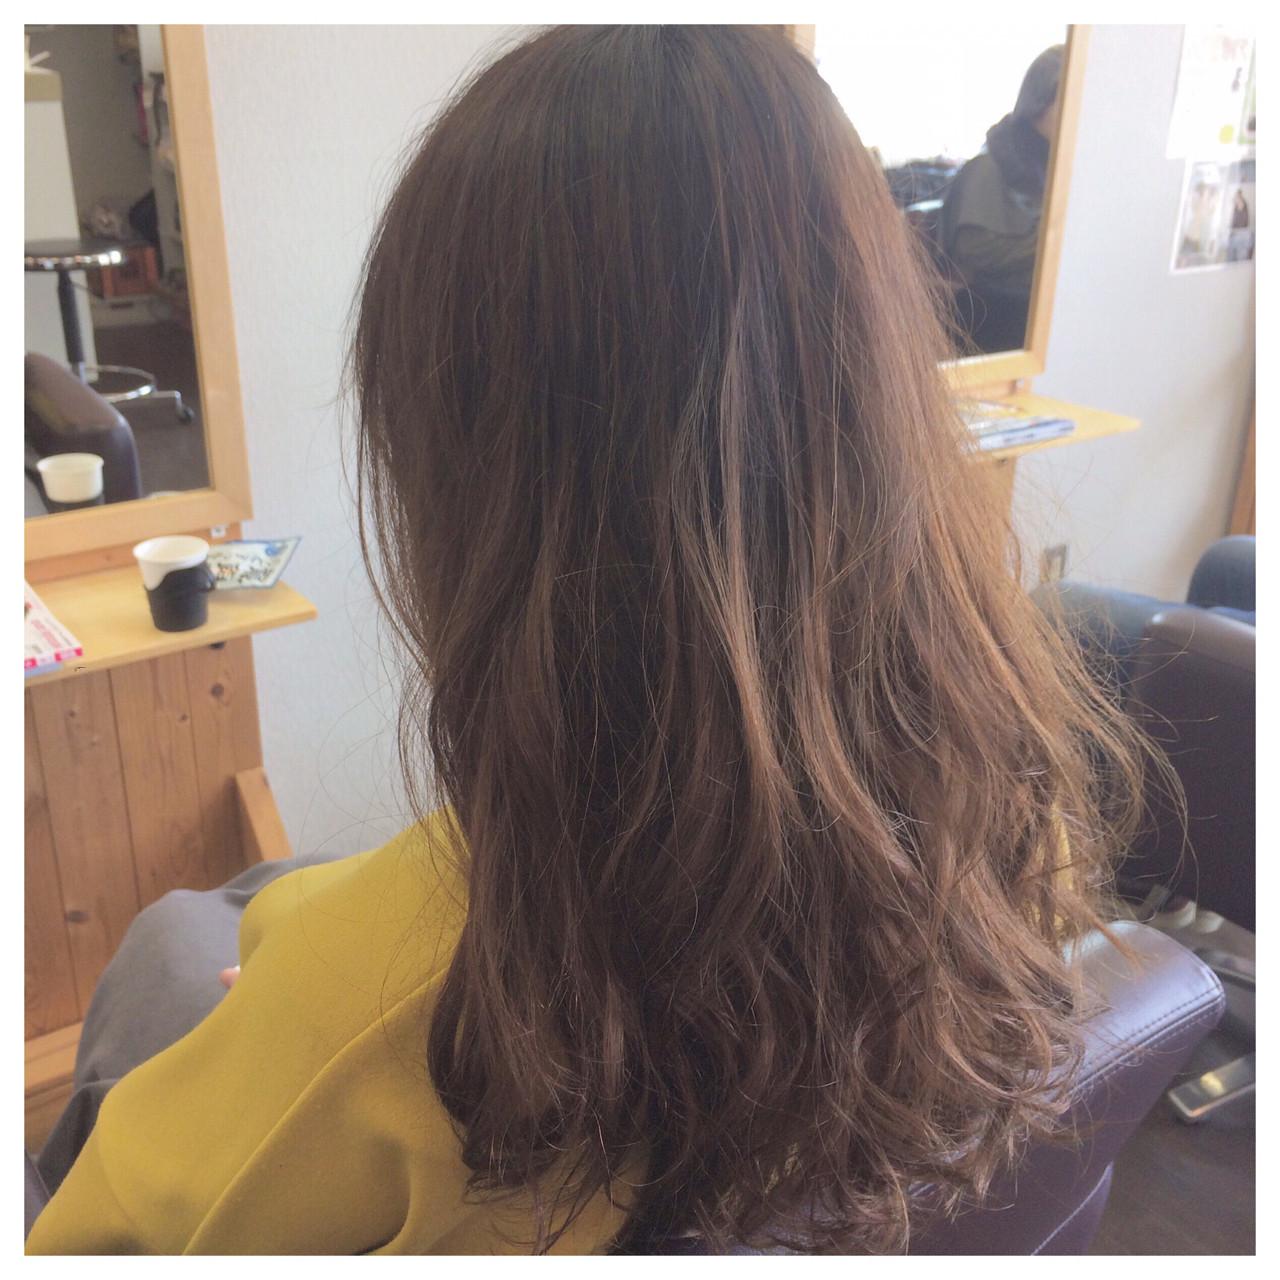 セミロング デジタルパーマ パーマ ゆるふわ ヘアスタイルや髪型の写真・画像